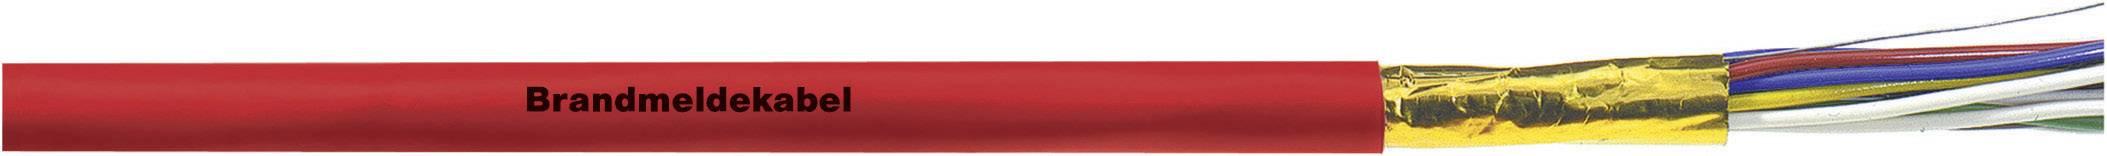 Signalizační kabel LappKabel J-Y(ST)Y 1X2X0,8 (1708001), 6 mm, červená, 1000 m